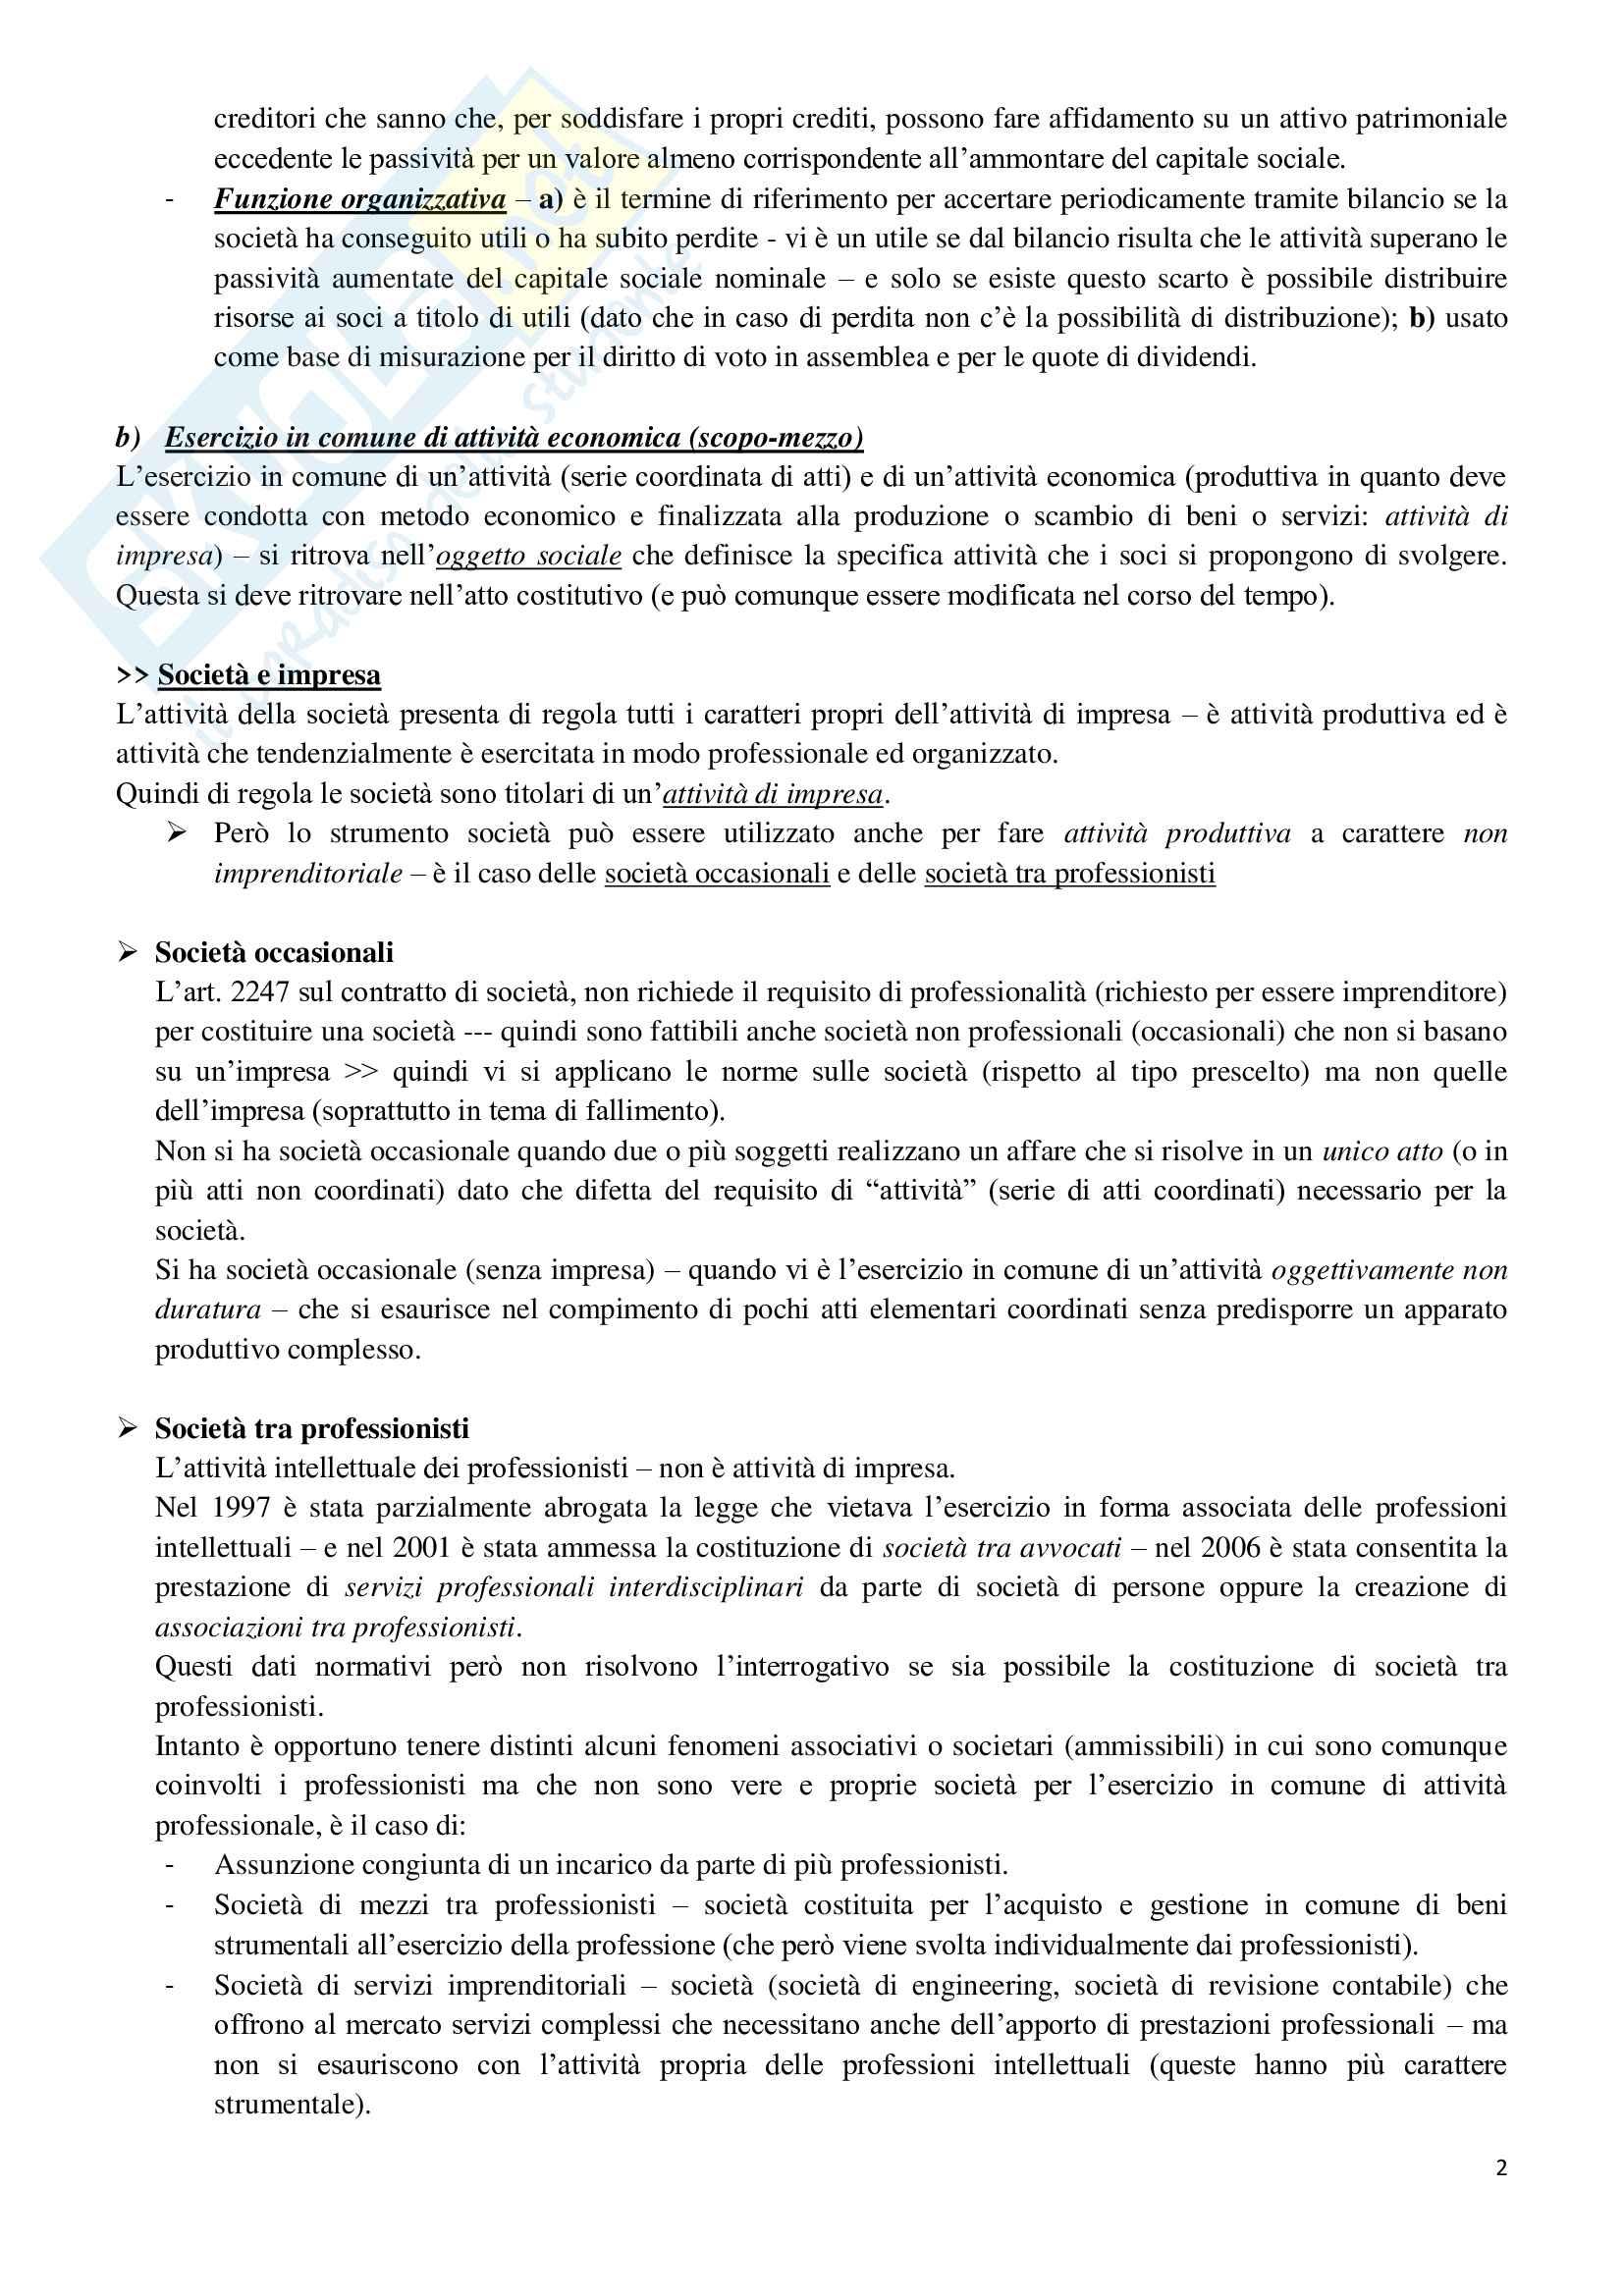 Riassunto di Diritto societario e commerciale Pag. 2